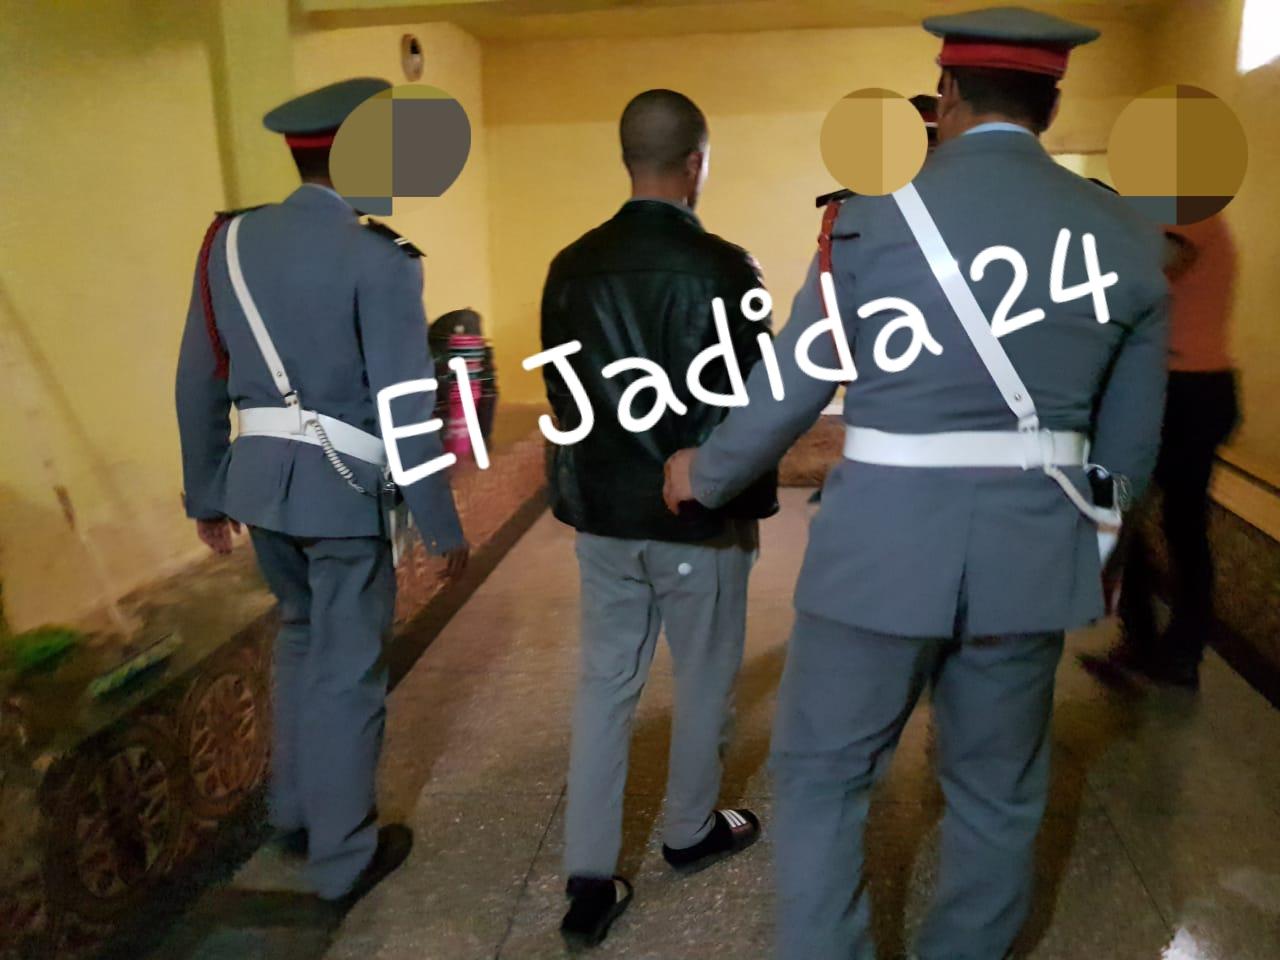 شاهد بالصور.. إعادة تمثيل جريمة قتل بشعة داخل حمام بإقليم سيدي بنور